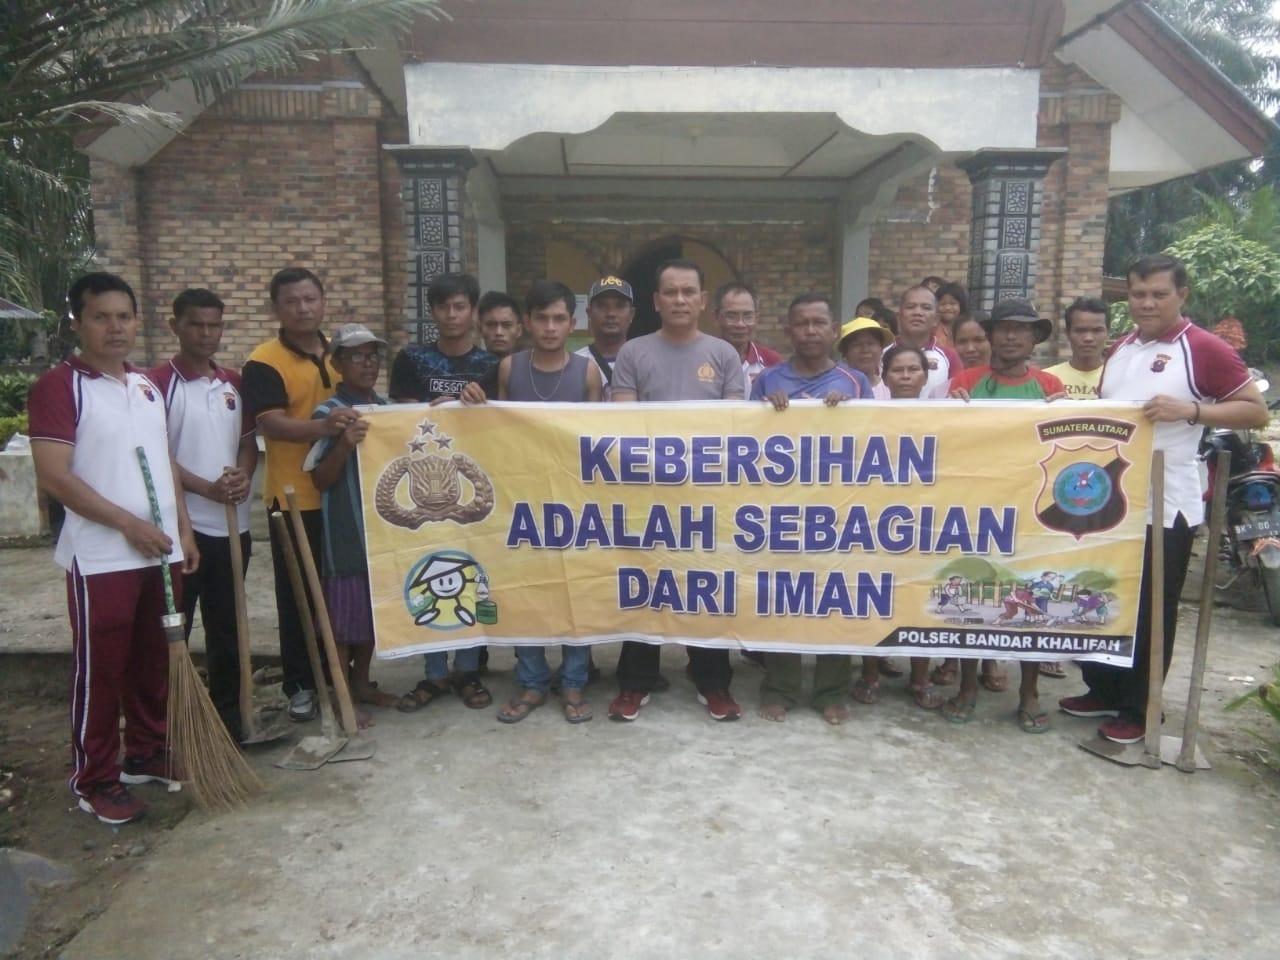 Polsek Bandar Khalifah Jumat Bersih Gereja Katolik Hutabagasan